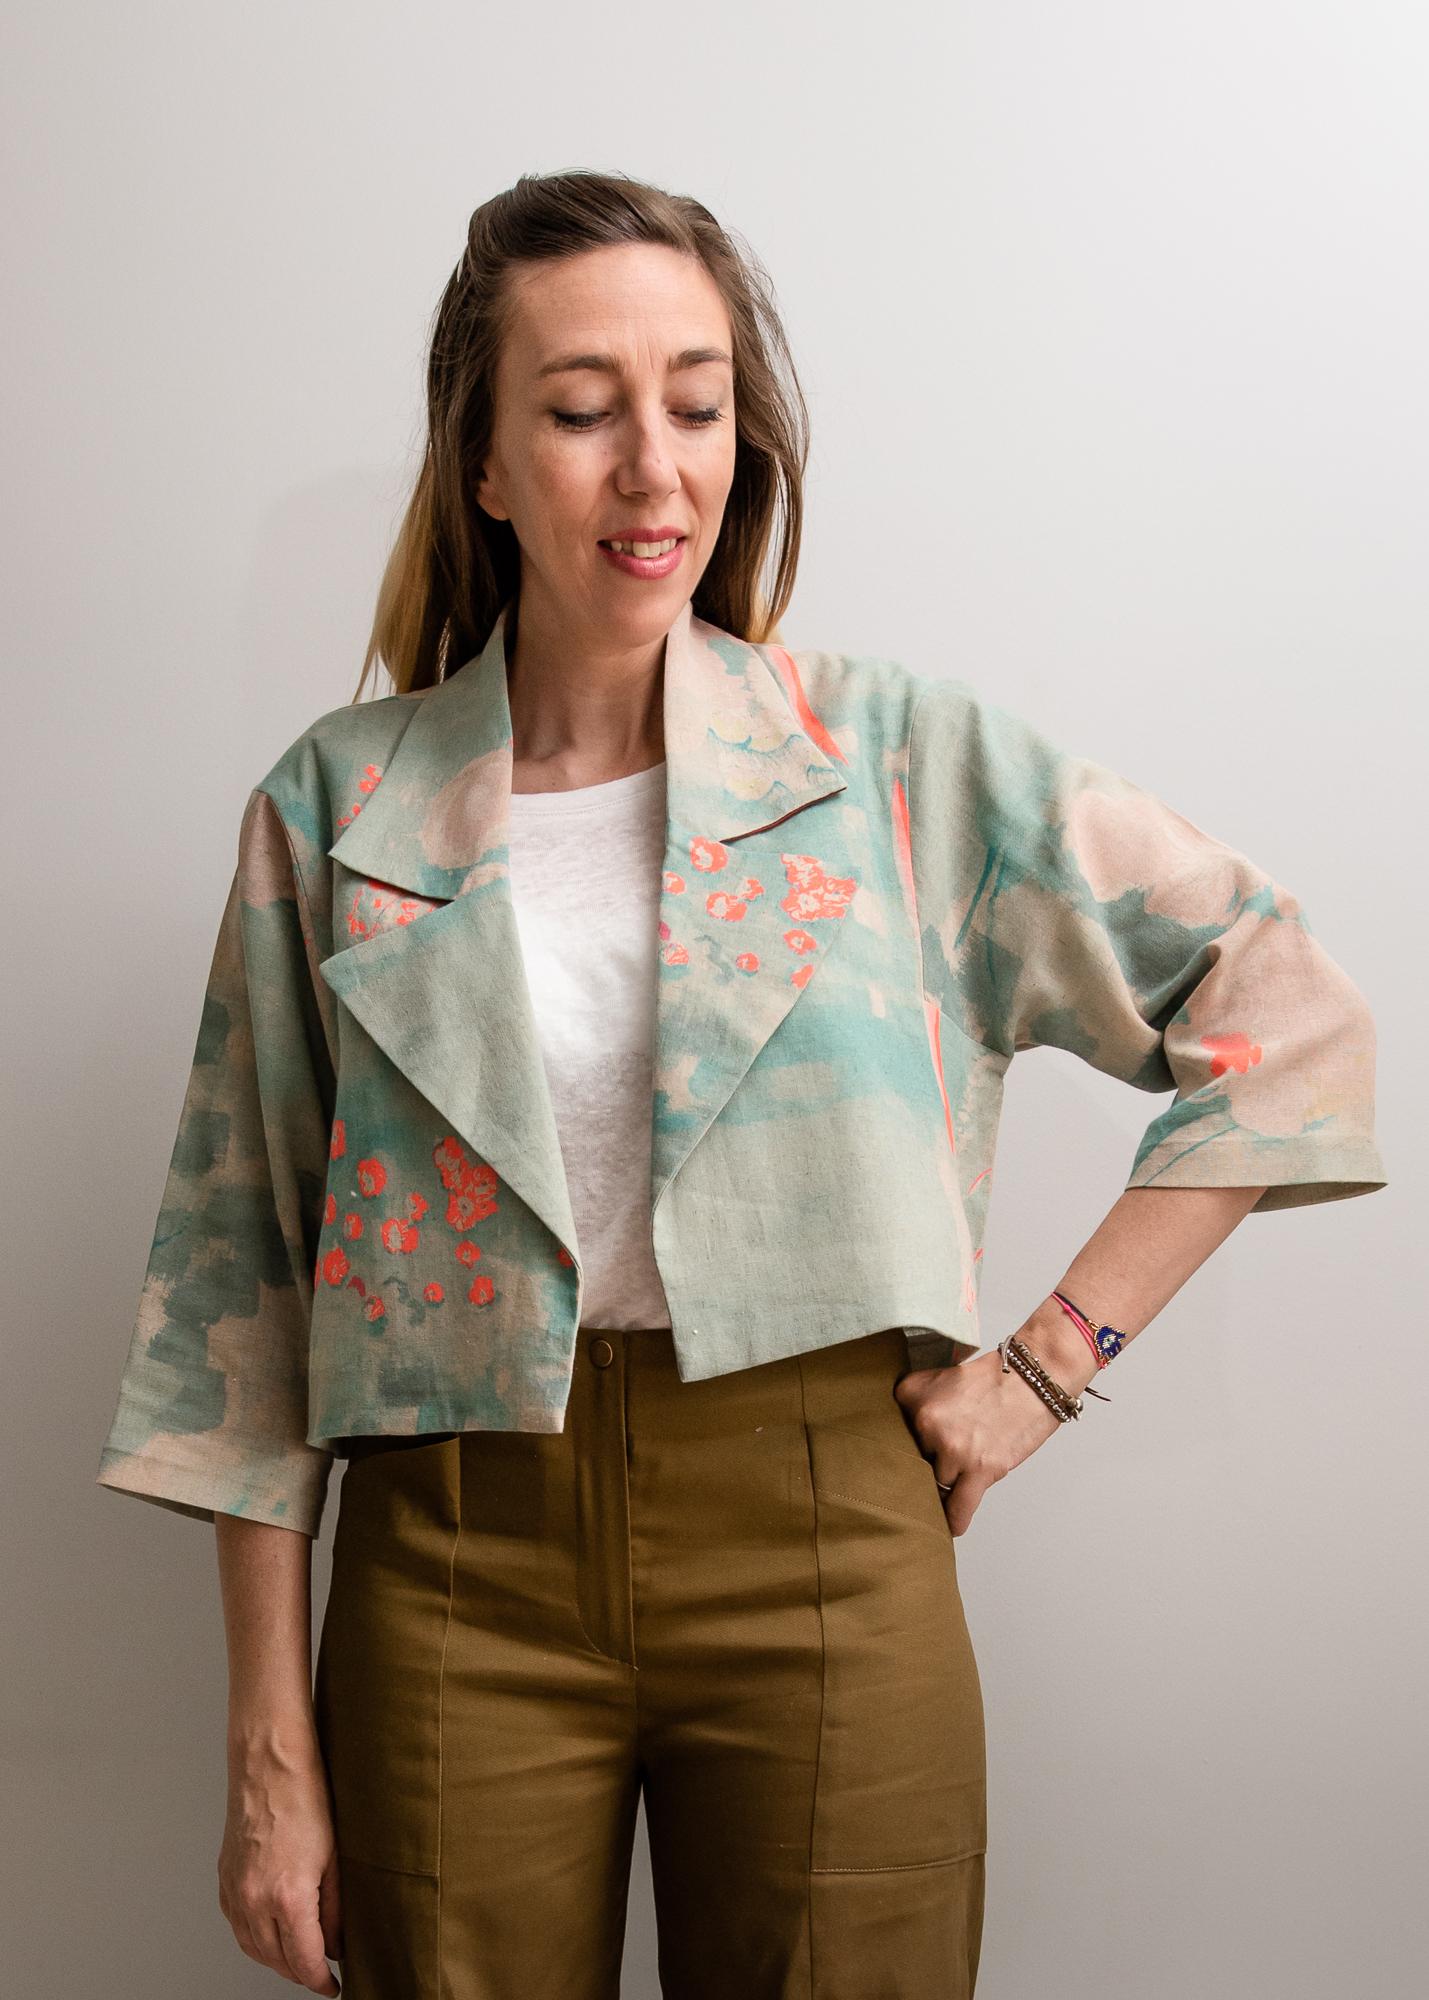 Surtout-Pdf-Sewing-Pattern-Coat-DIY08.jpg